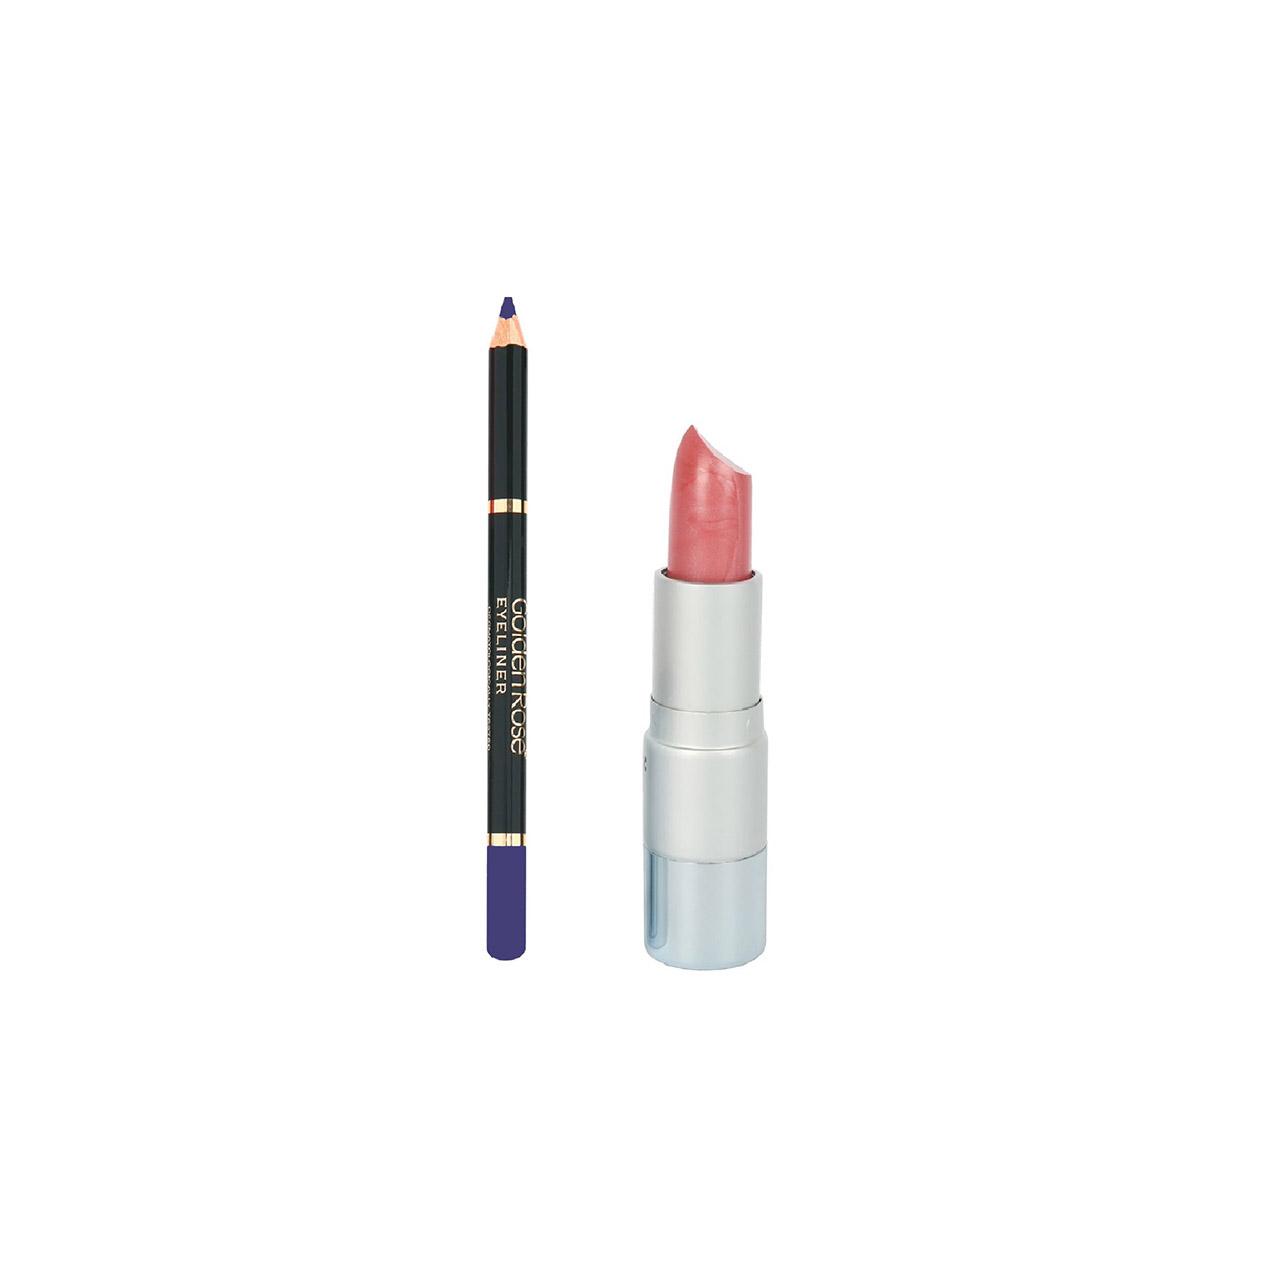 مدادچشم گلدن رز شماره 308 به همراه رژلب جامد لنسور سری 3D شماره 20